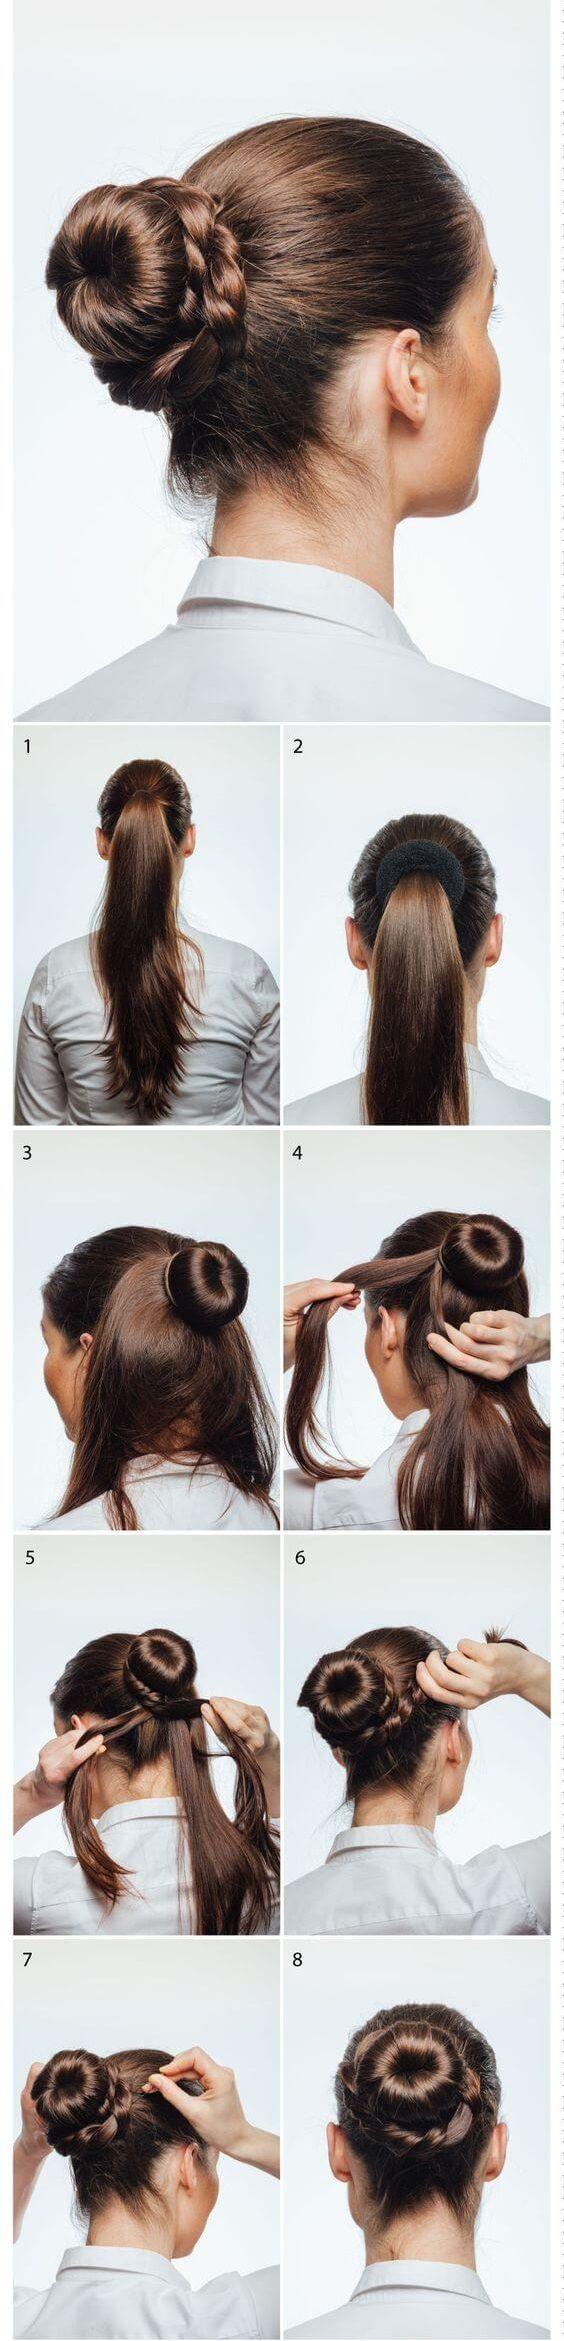 Kurtarıcı saç modellerinden donut topuzun nasıl yapıldığını bu rehberimizden öğrenebilirsin.